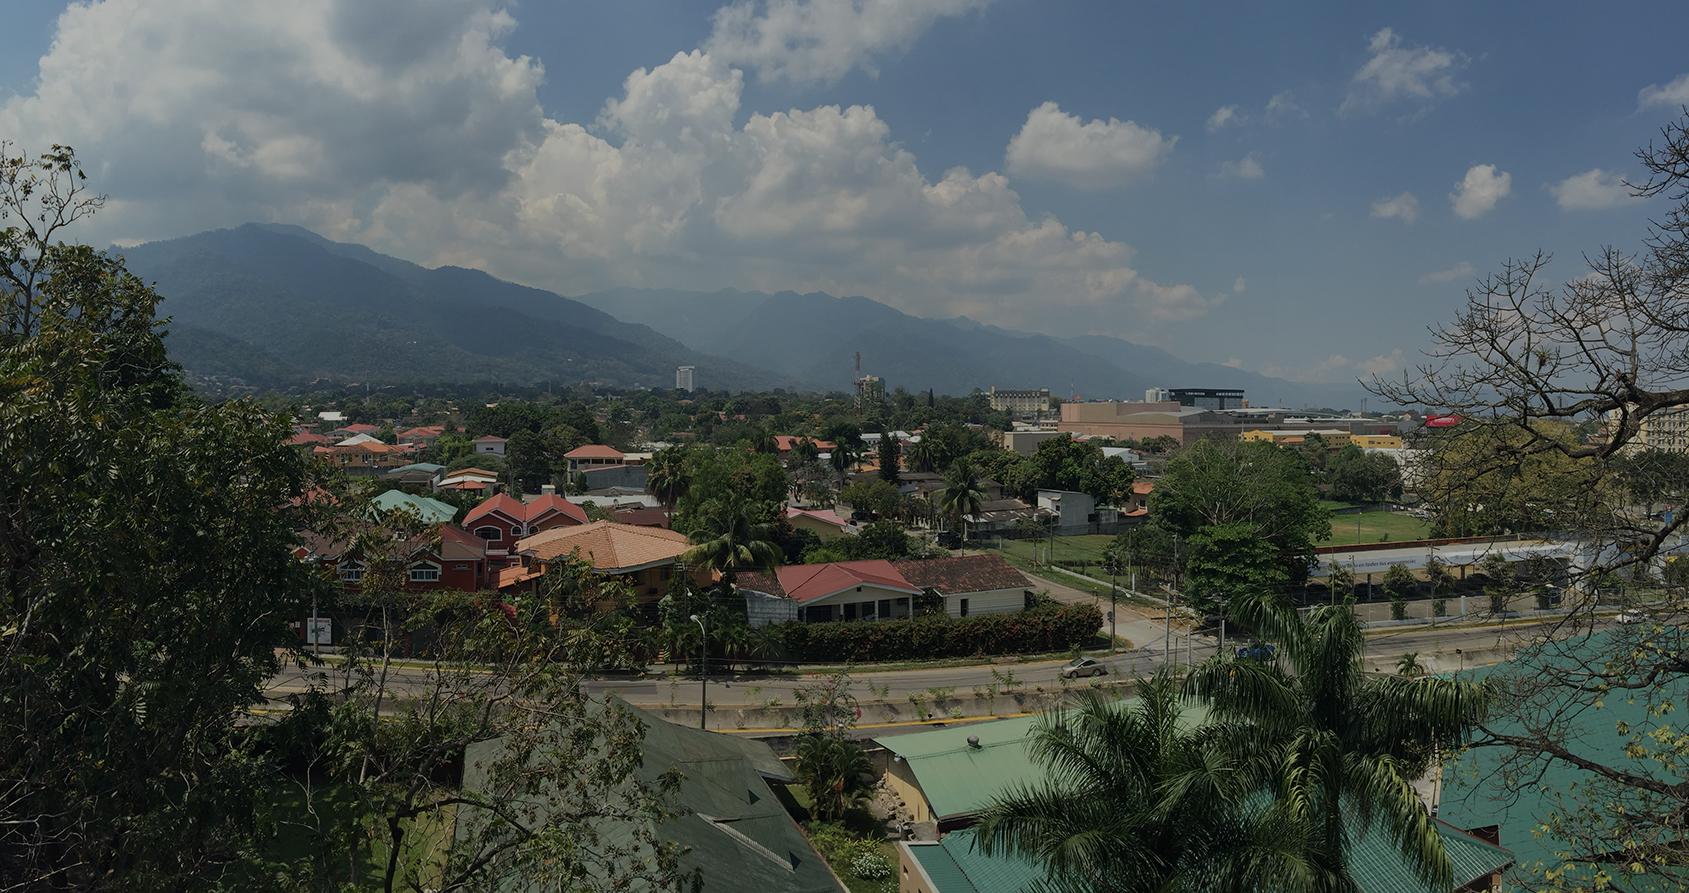 Je suis passeur sur les terres des cartels mexicains